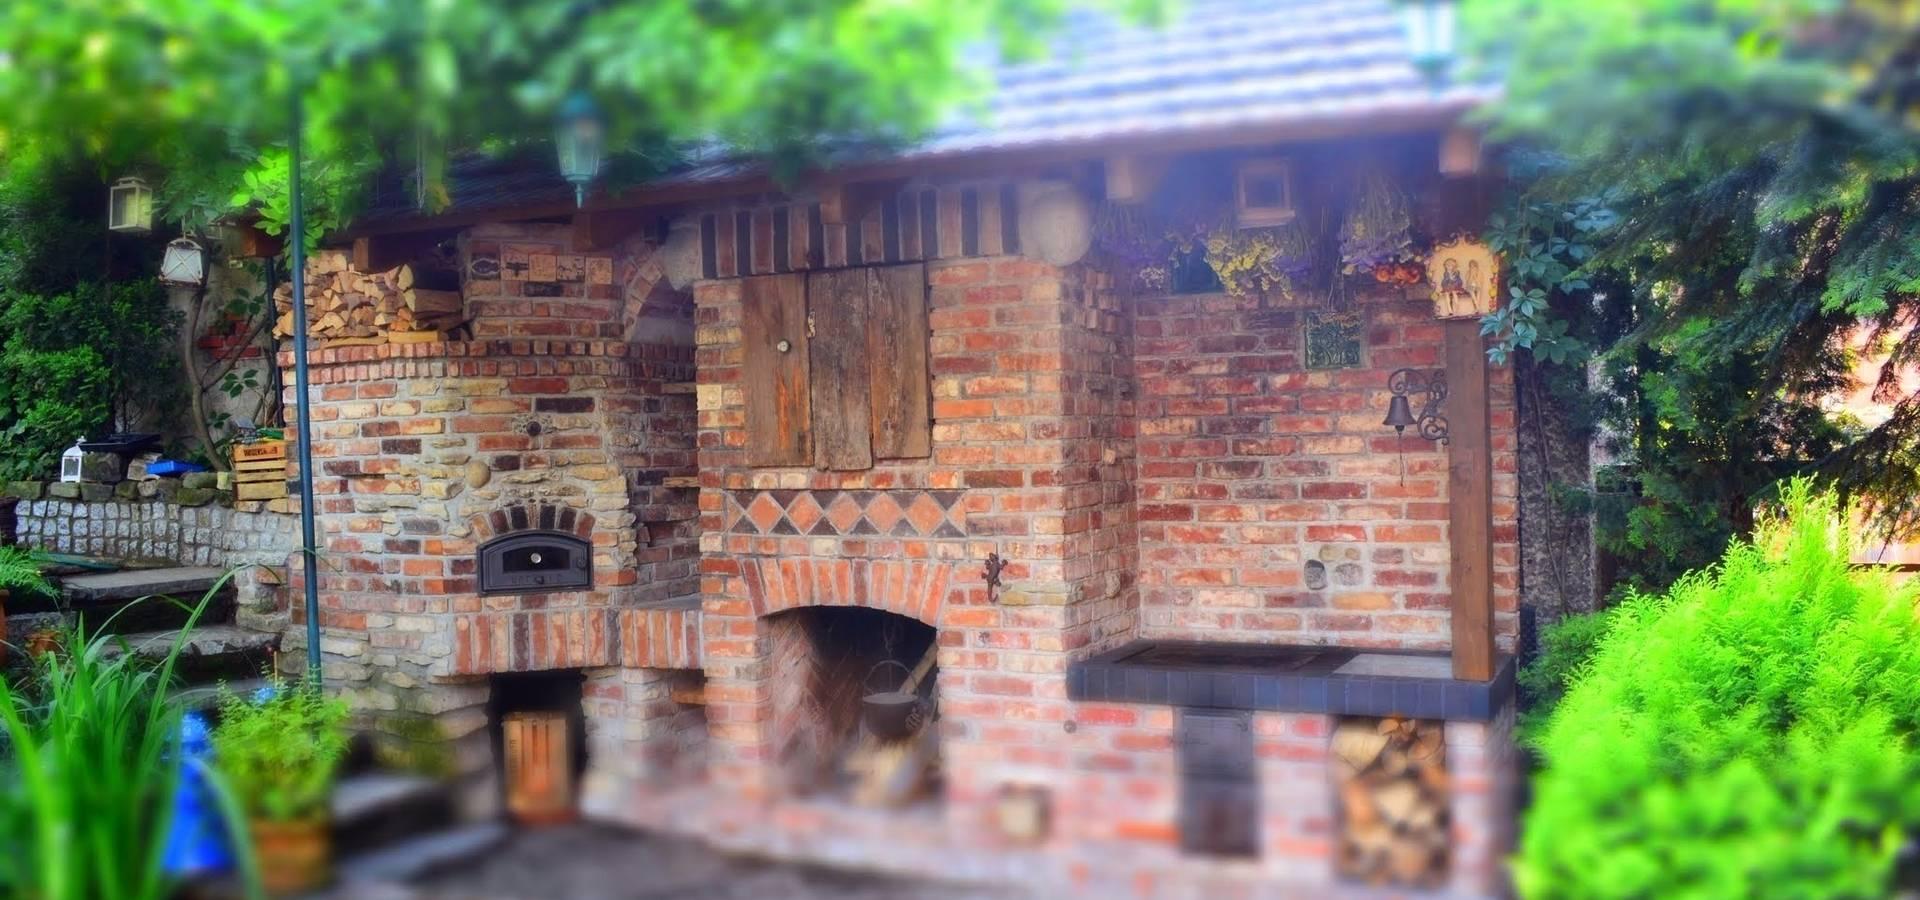 Kuchnia w Ogrodzie – profesjonaliści w kategorii   -> Kuchnia Letnia Maja W Ogrodzie